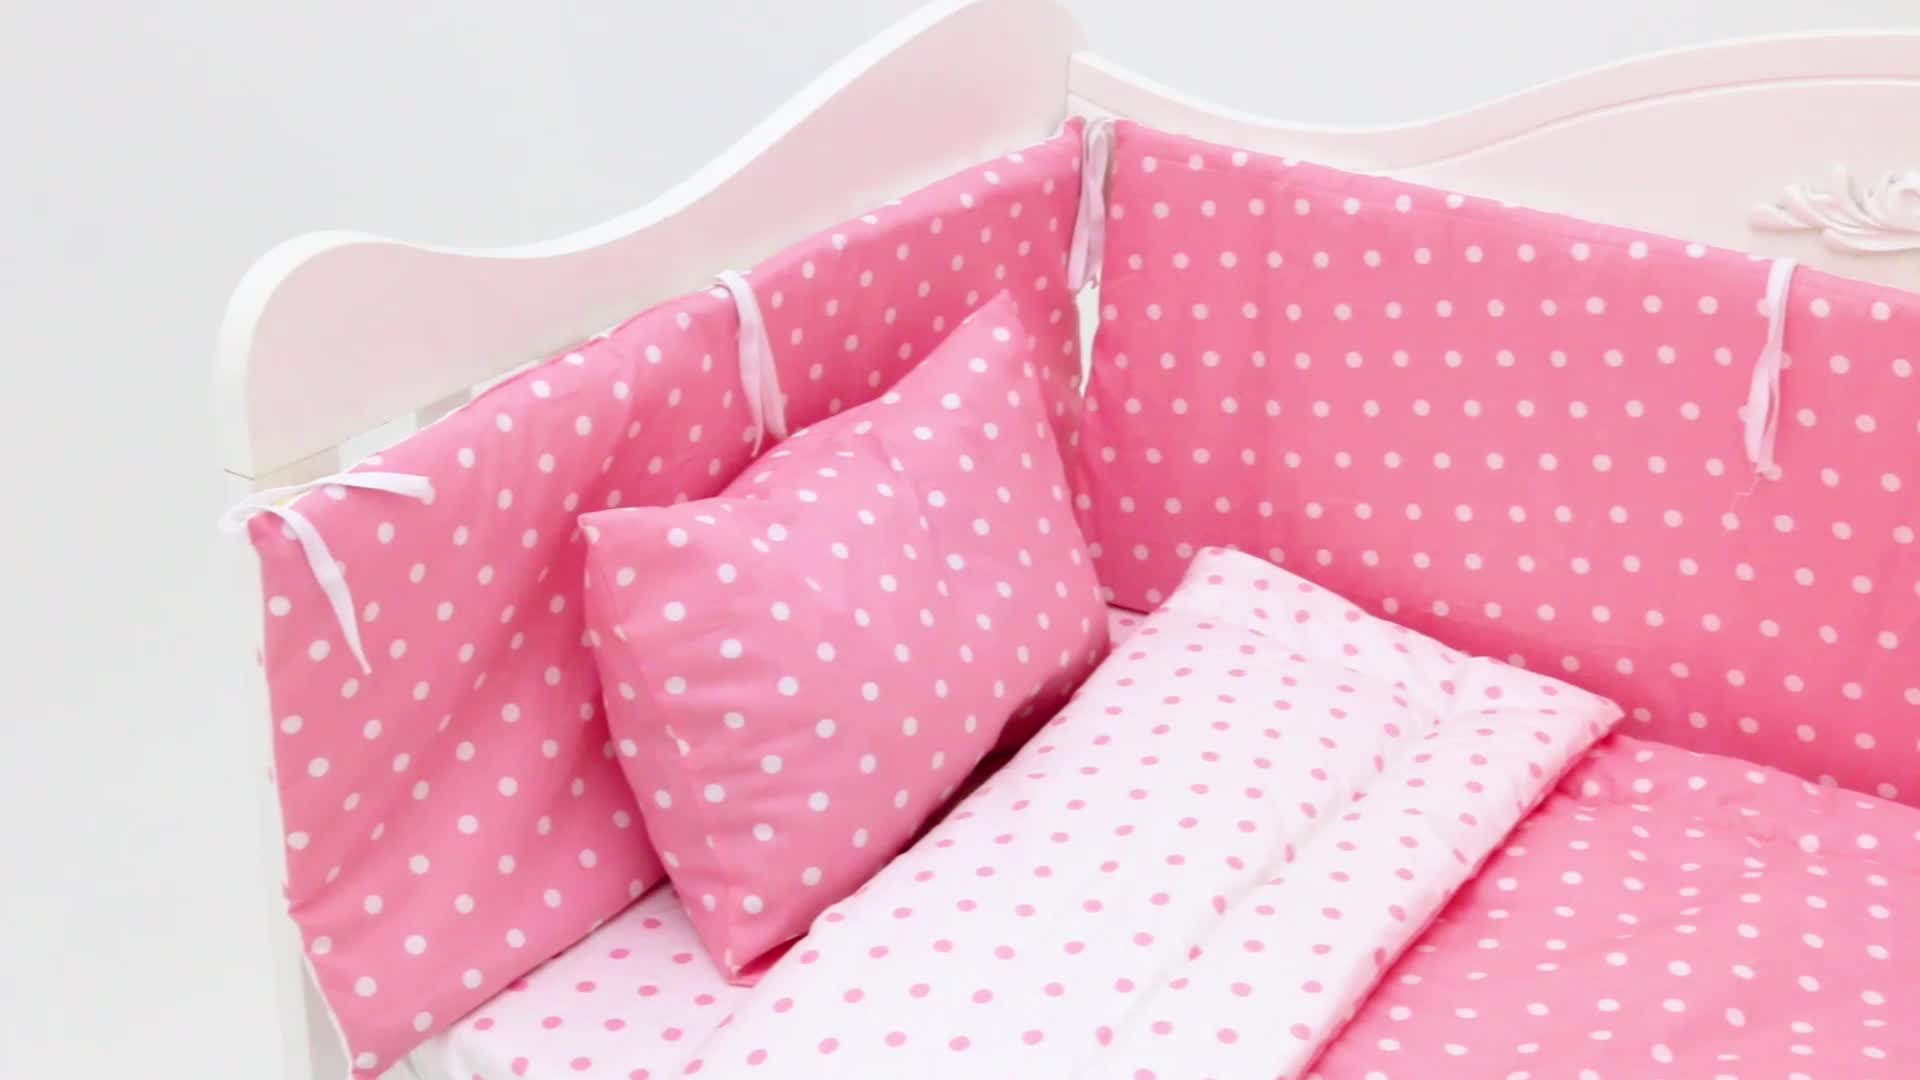 Mới nhất 100% Cotton Hữu Cơ 50 Cái MOQ Baby Girl Crib Bedding Set